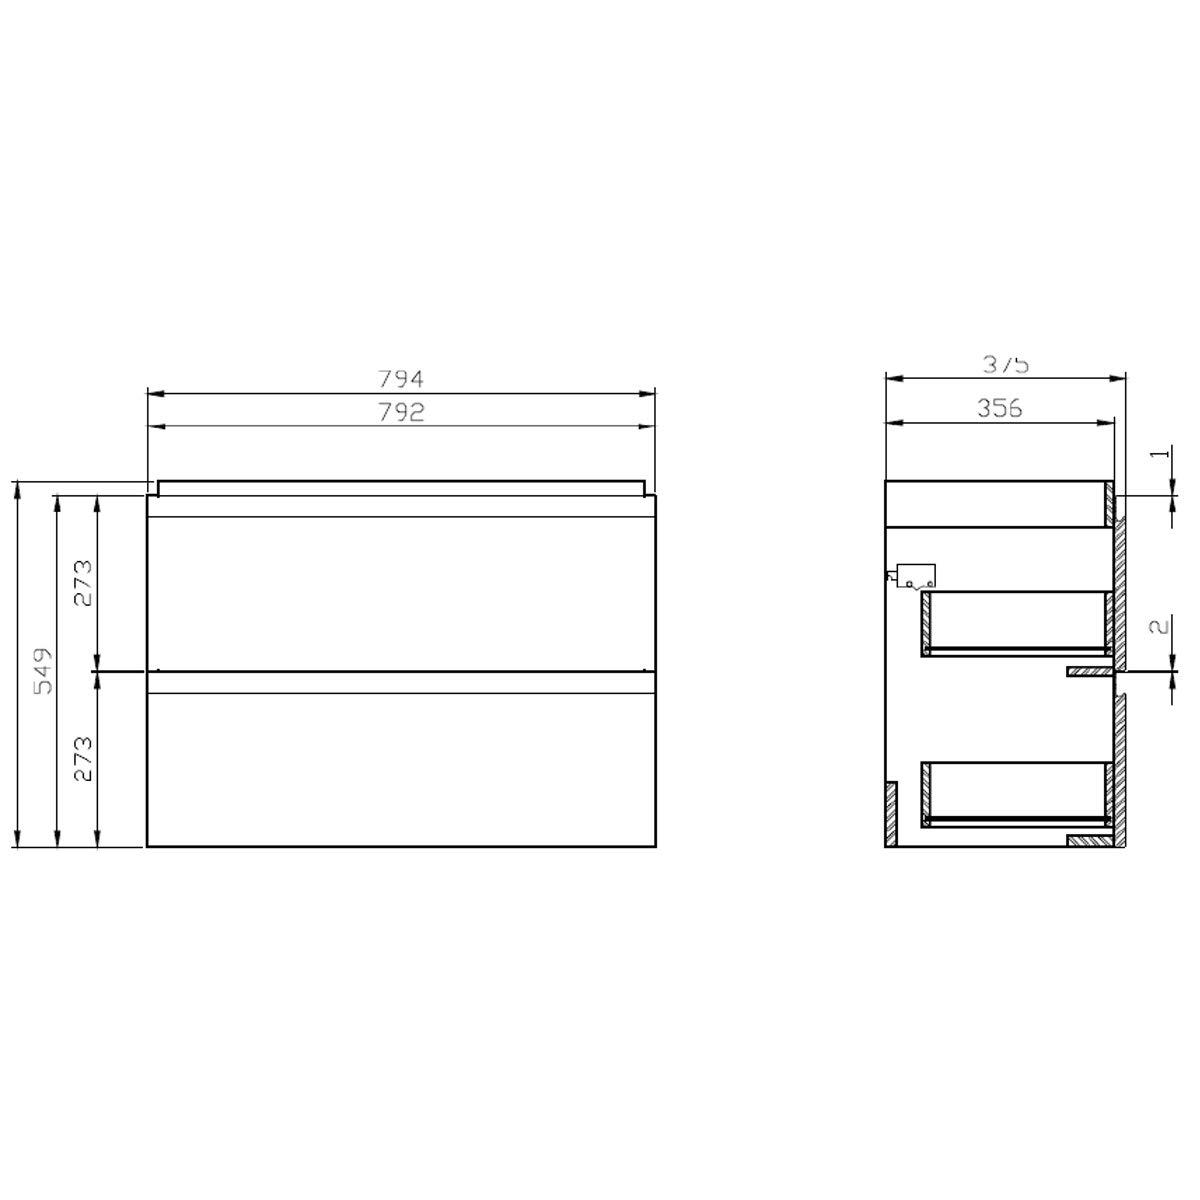 VBChome Das Moduo-Set Slim Grau 40 cm Waschplatz Badm/öbel Hochglanz Oberfl/äche Kleines G/ästebad Bestehend aus Waschplatz und Waschbecken Schmale Badezimmerm/öbel f/ür G/äste WC